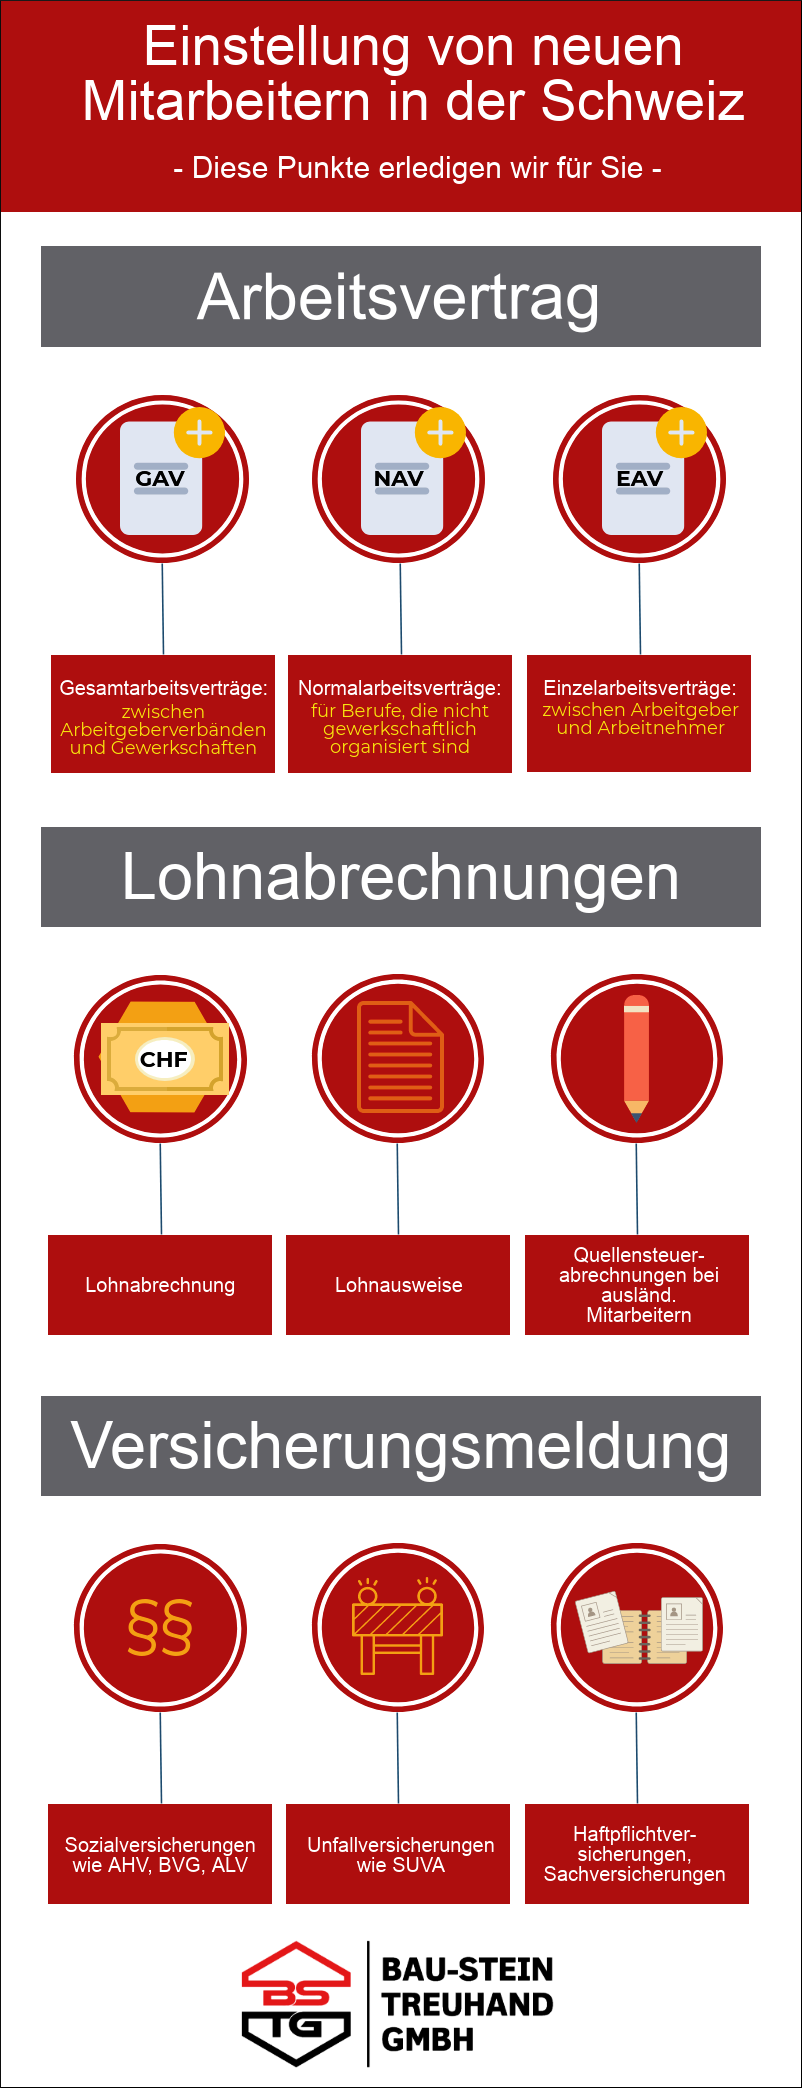 Bau-Stein-Treuhand GmbH übernimmt die Anmeldung von neuen Mitarbeitern